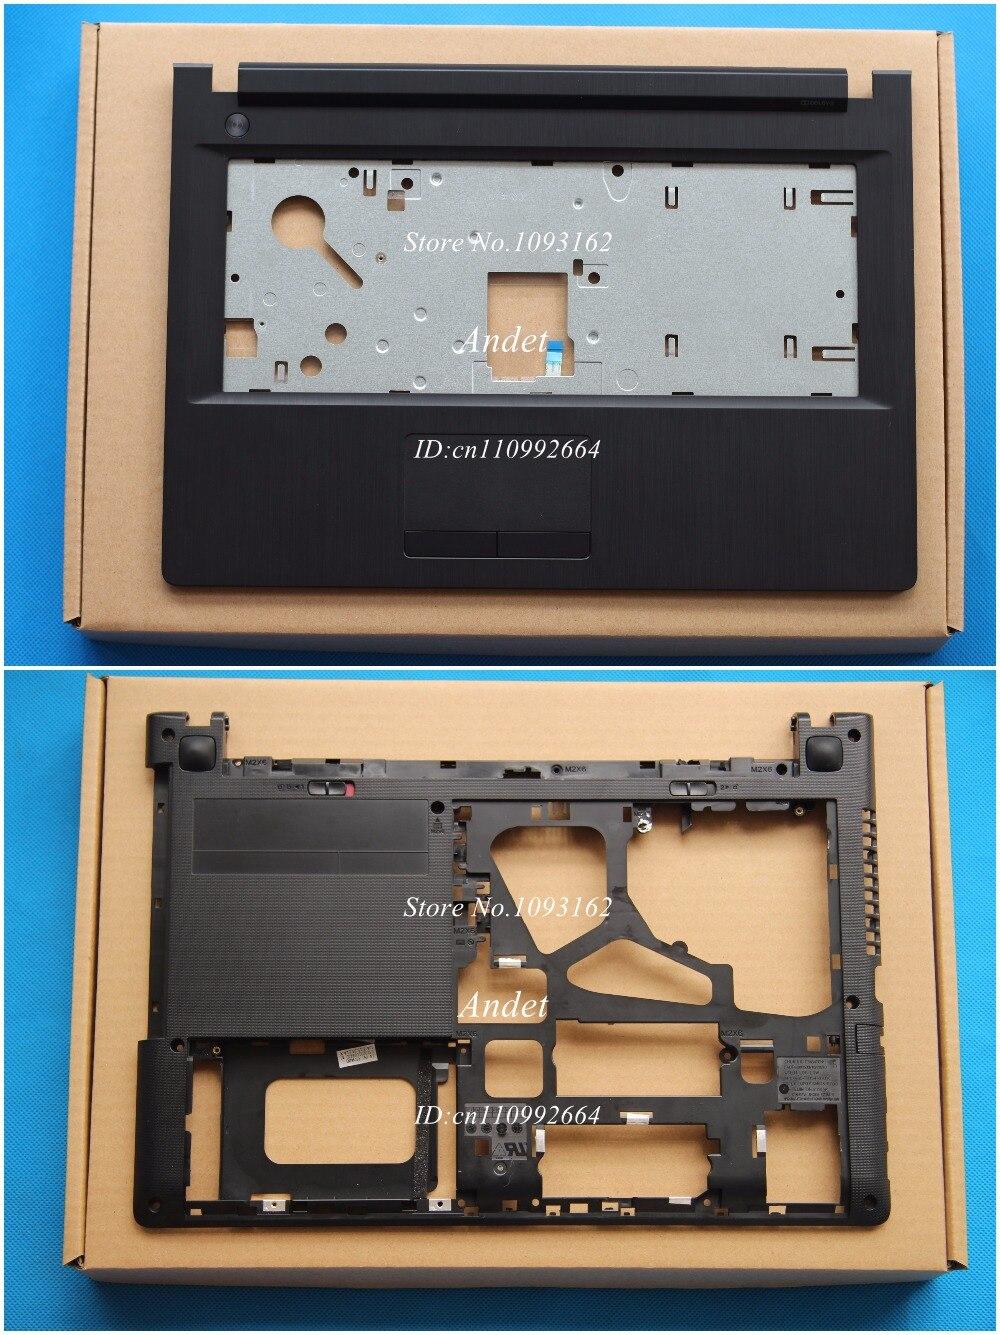 bilder für Neue Original Für Lenovo G40 G40-30 G40-45 G40-70 G40-80 Z40 Z40-30 Z40-45 Z40-70 Z40-80 Palmrest Abdeckung Ober Fall + Bottom basis